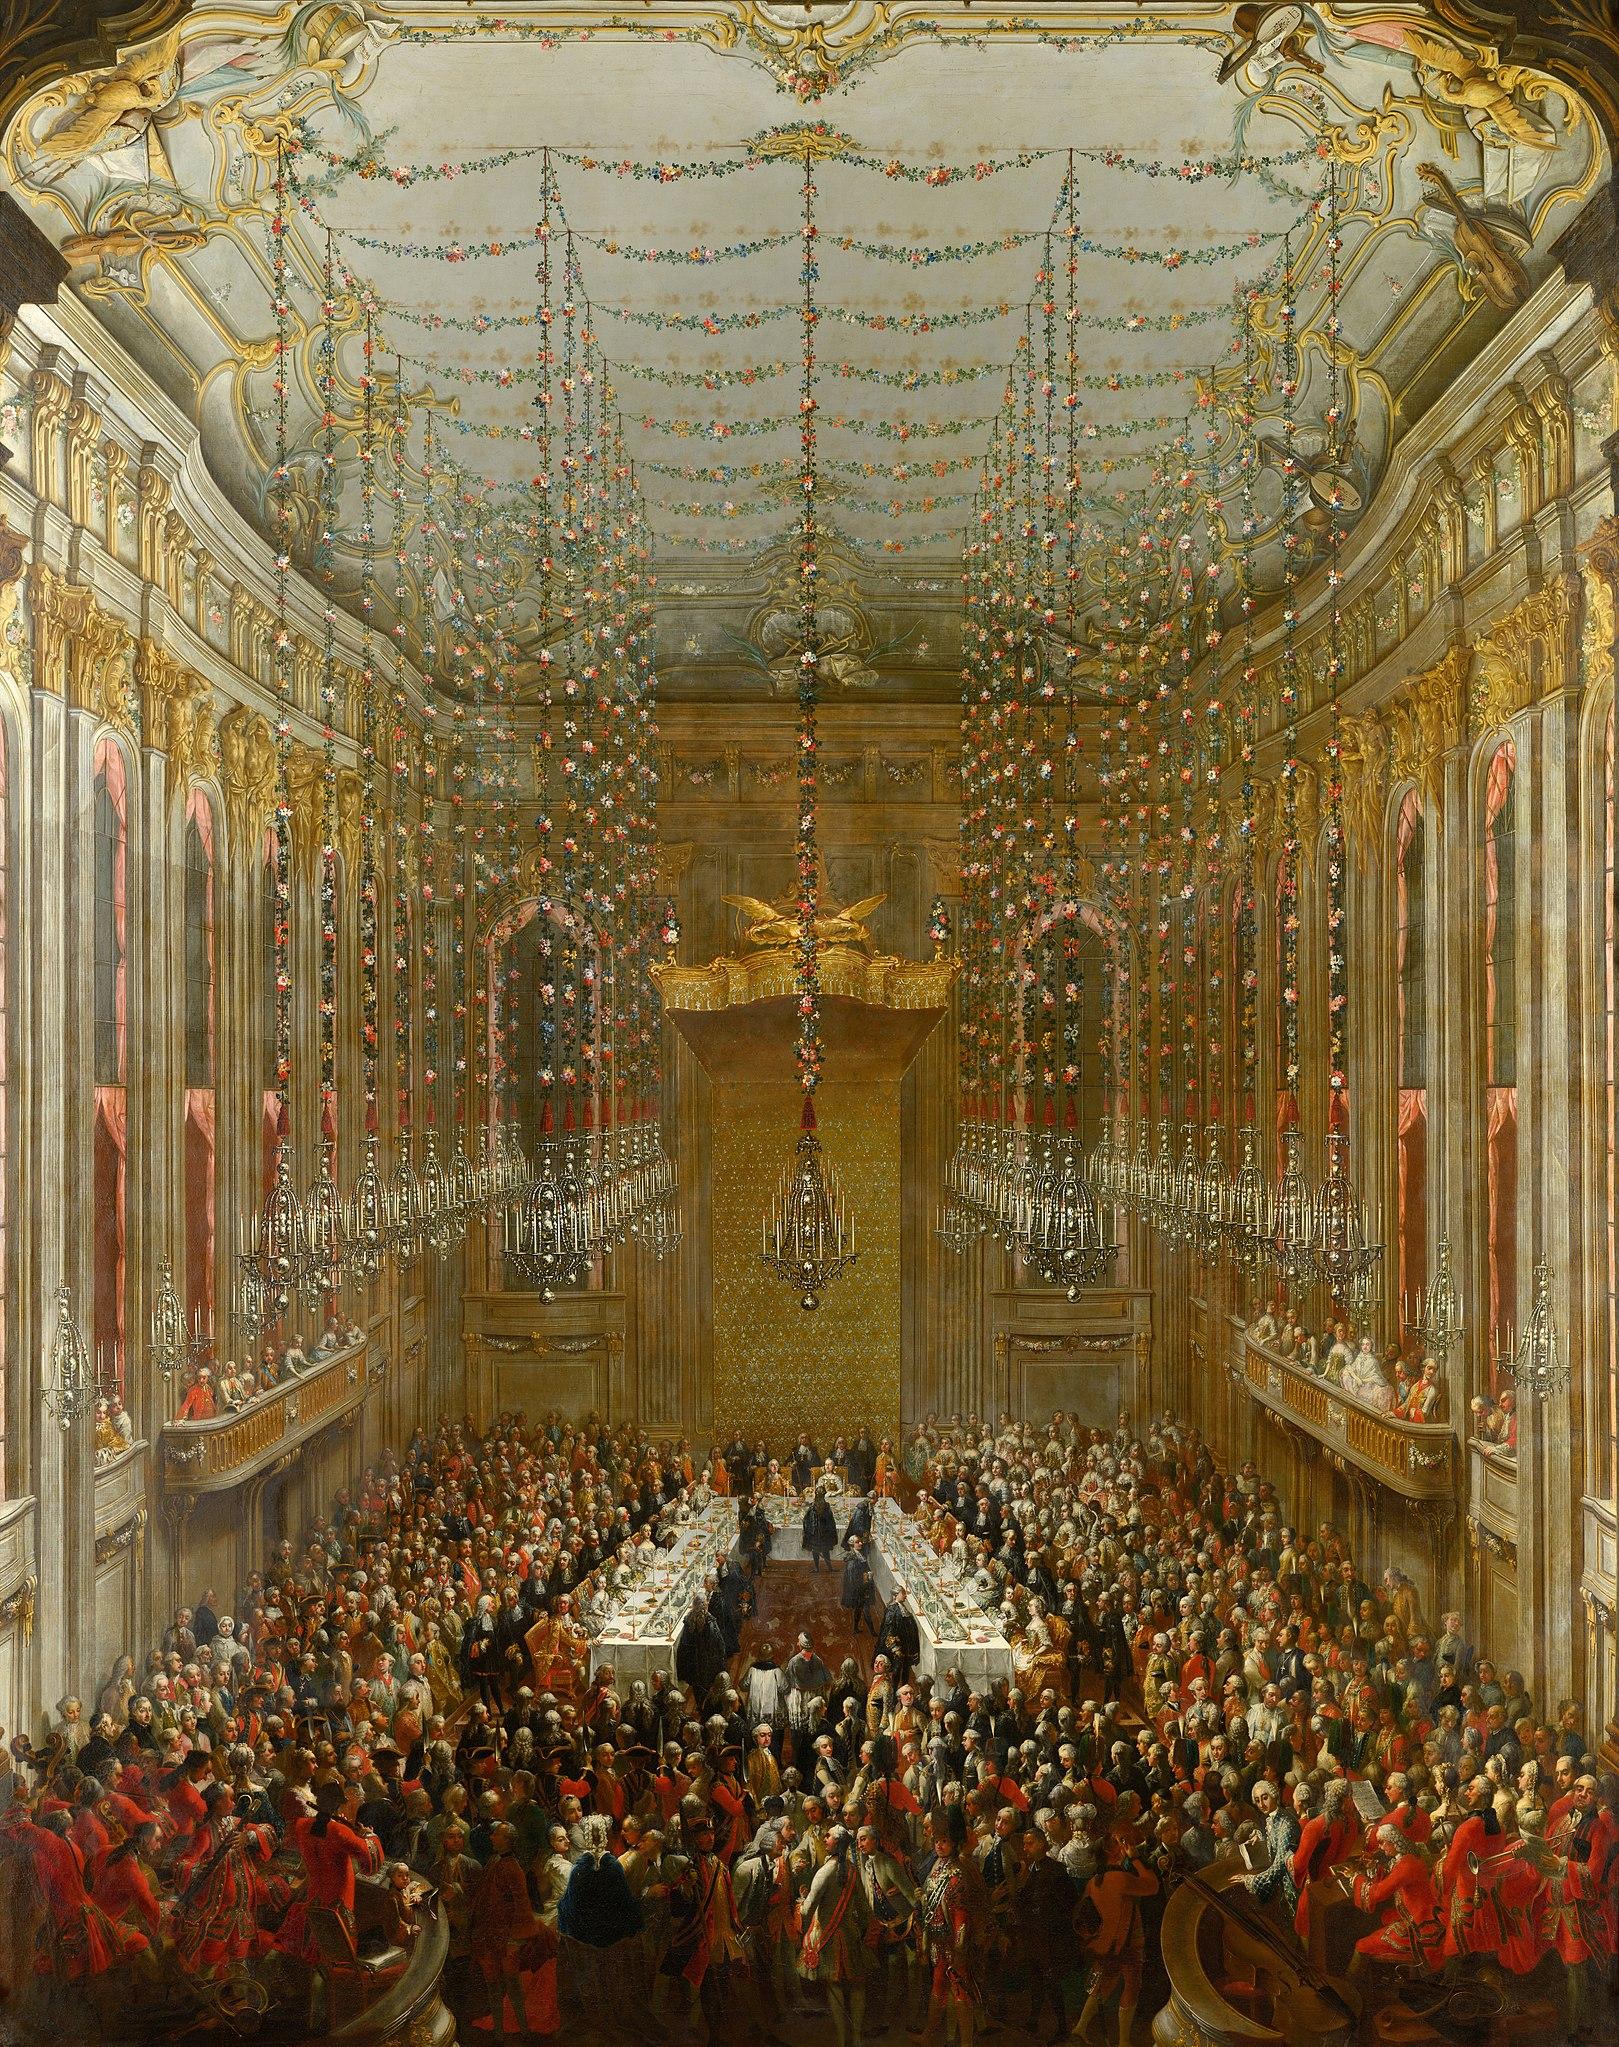 wedding in art: Martin van Meytens the Younger, Wedding Supper, ca. 1763, Schönbrunn Palace, Vienna, Austria.